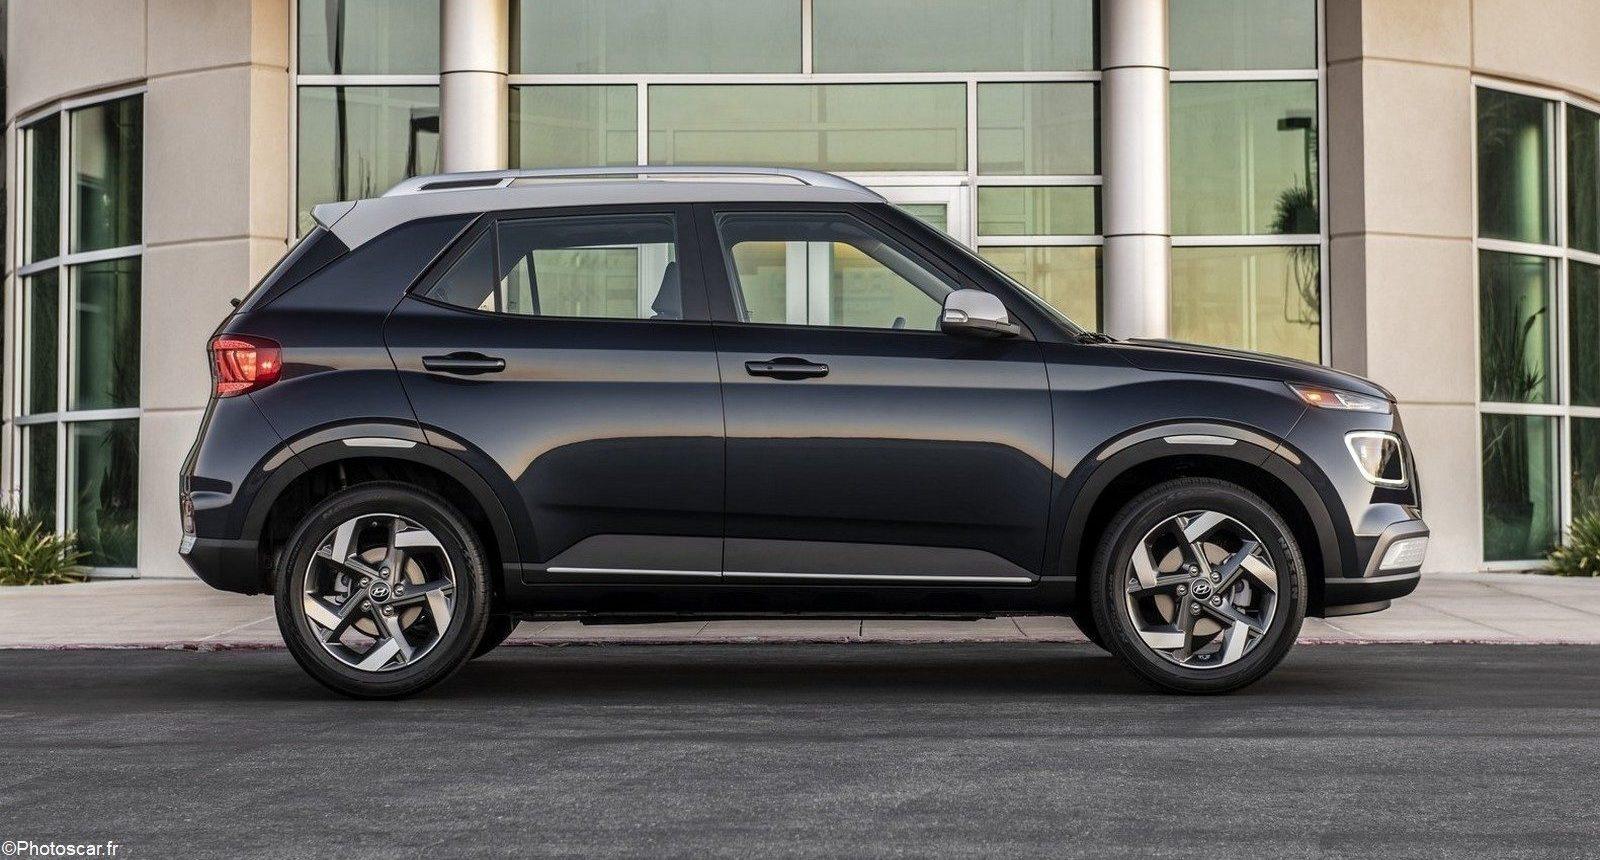 Hyundai Venue 2020 – Une Technologies de sécurité avancées.